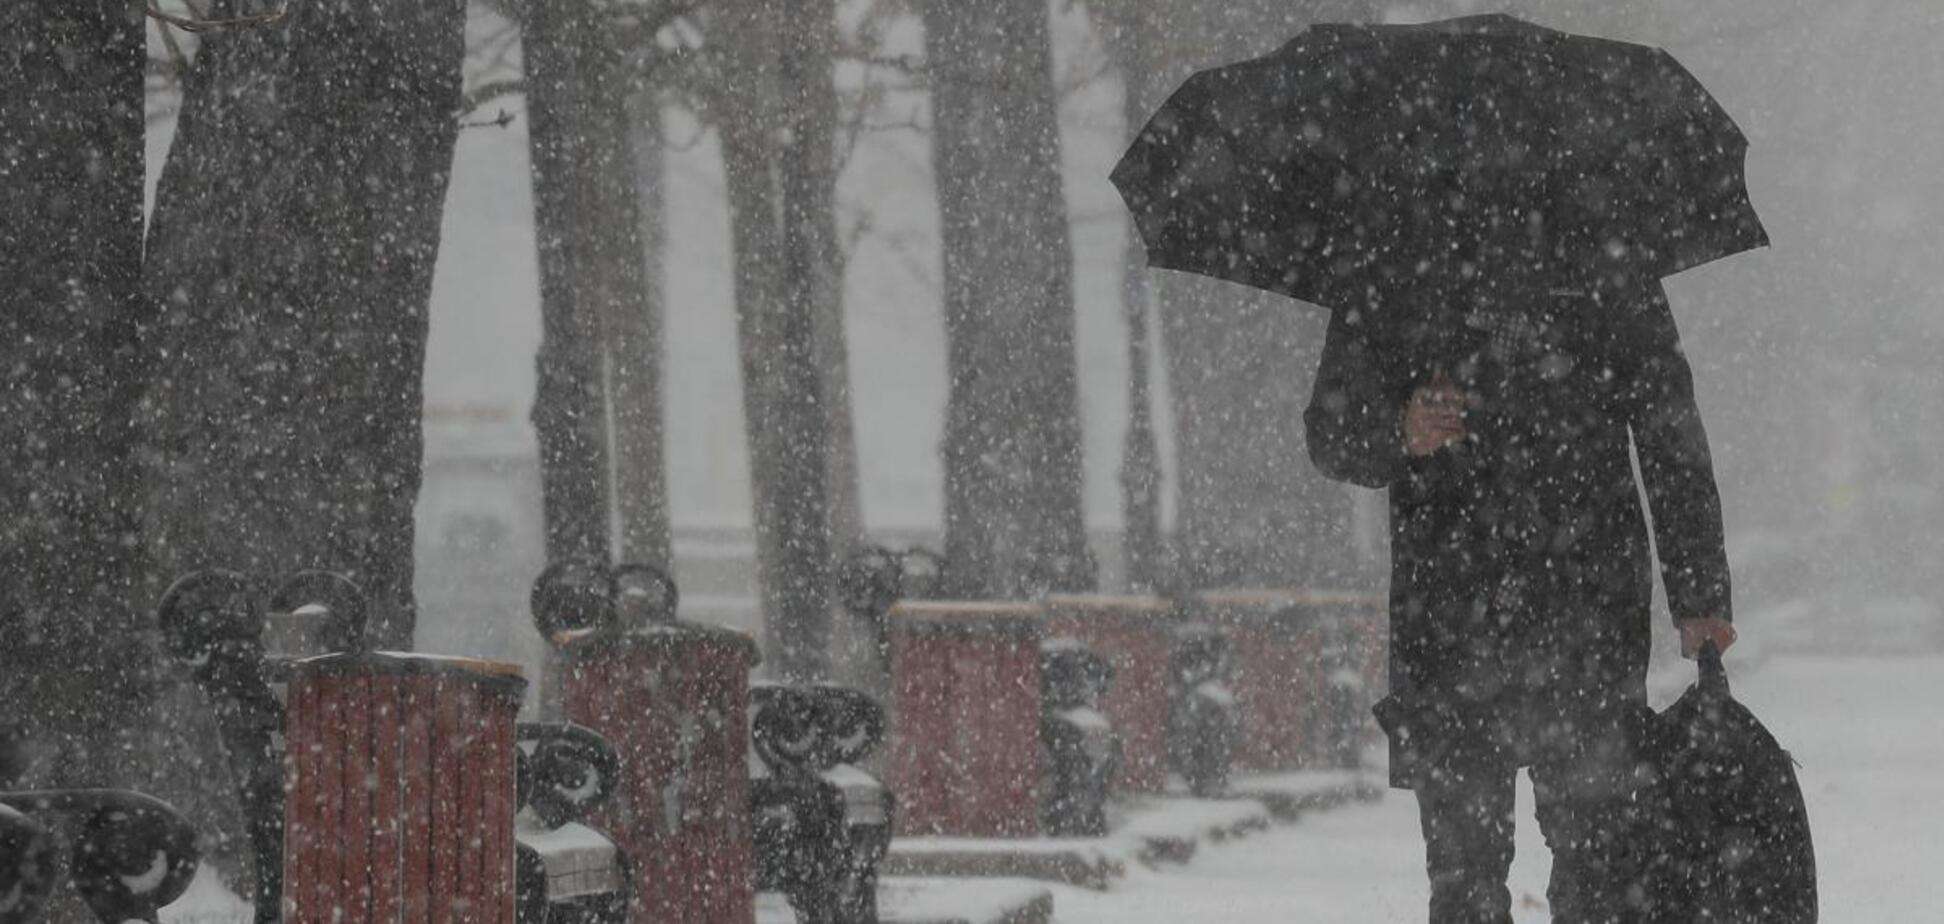 Українців попередили про дощ зі снігом і ожеледицю: прогноз погоди на 26 грудня